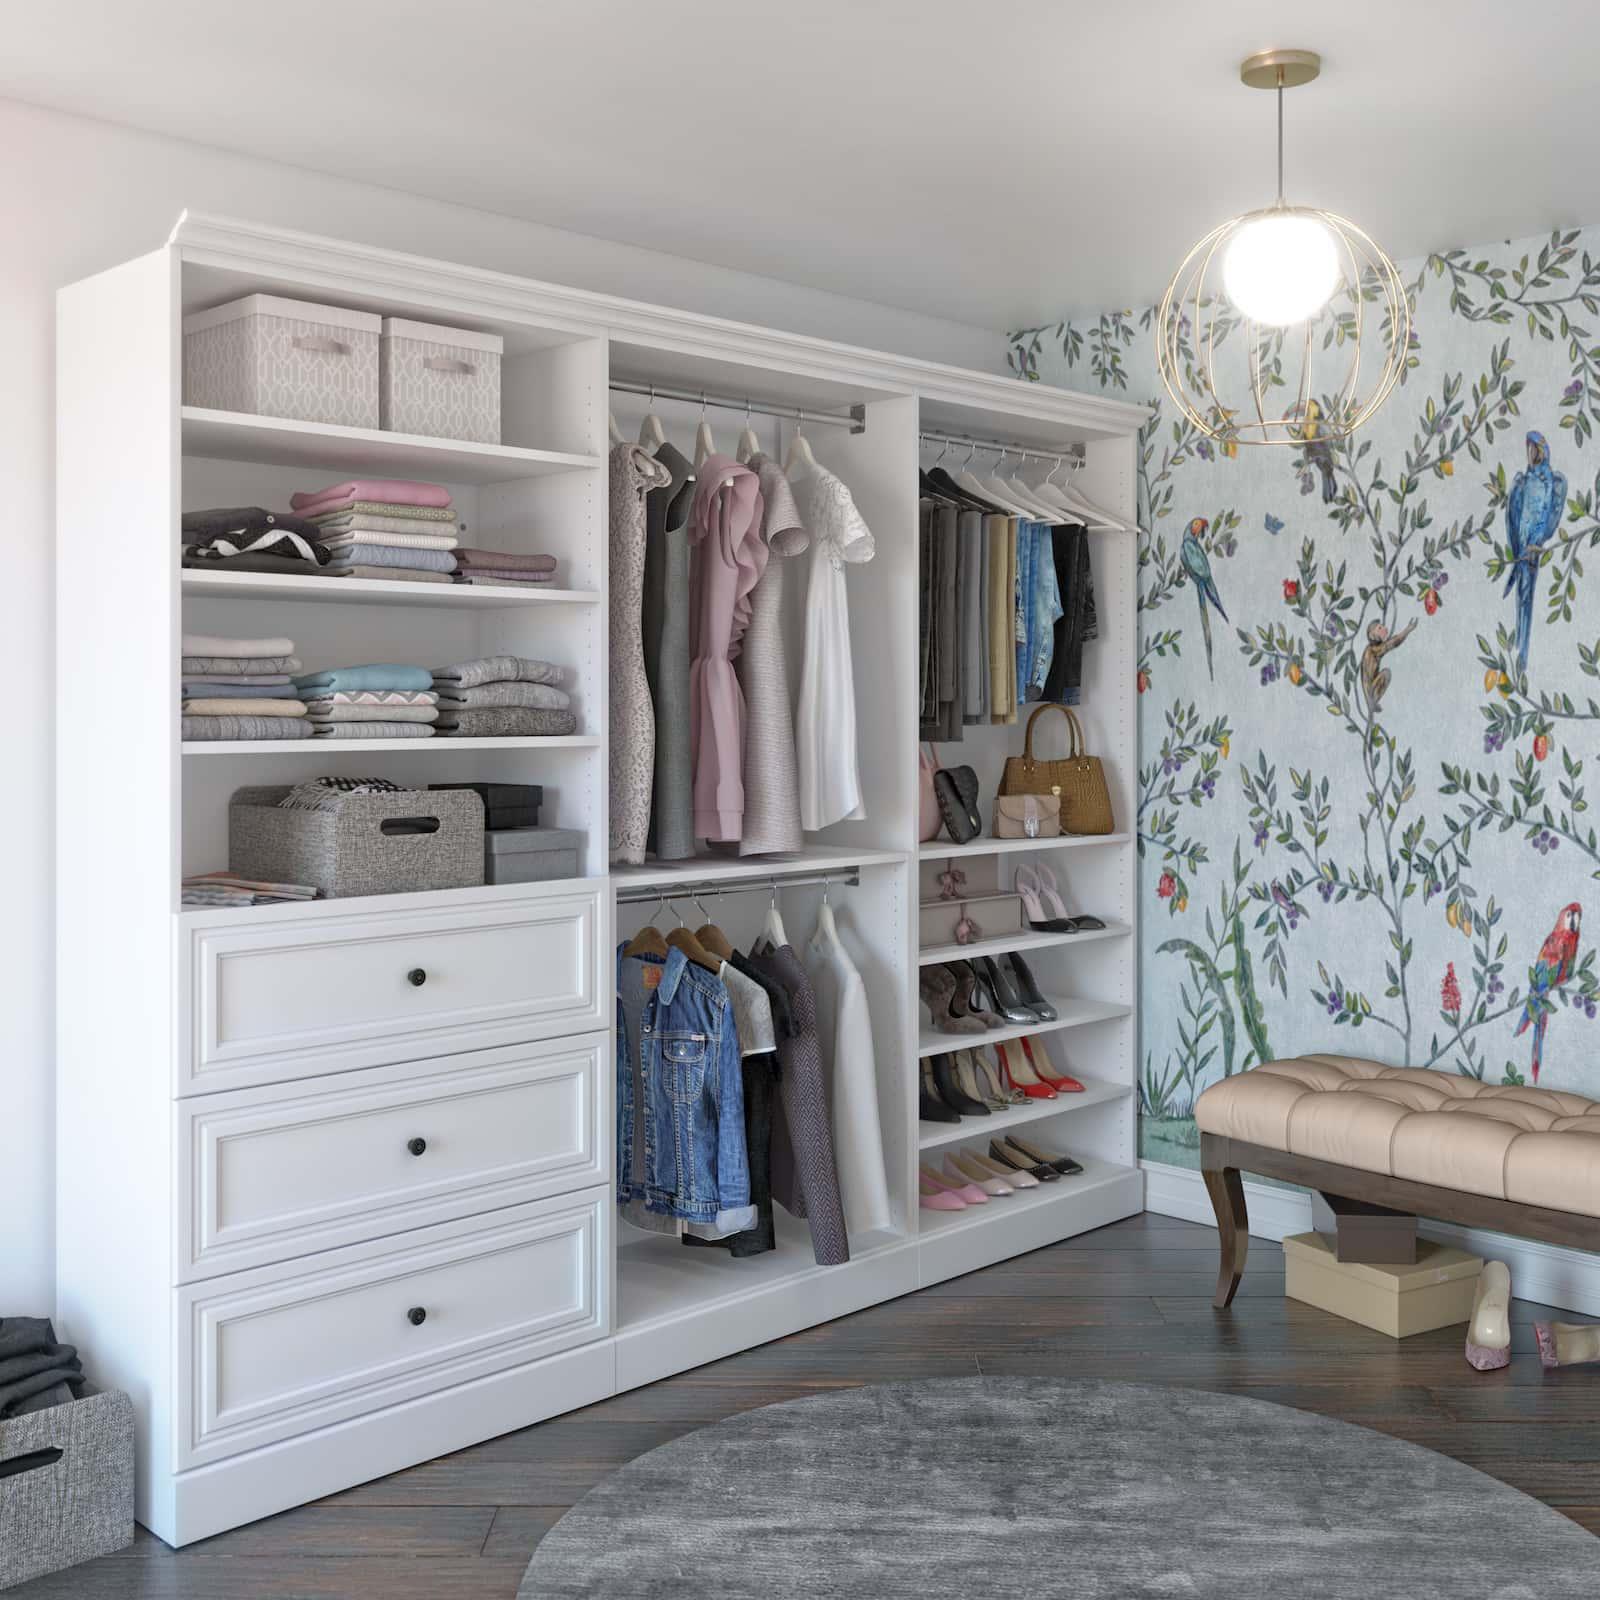 3 espaces qui pourraient tirer profit d'un rangement pour garde-robe